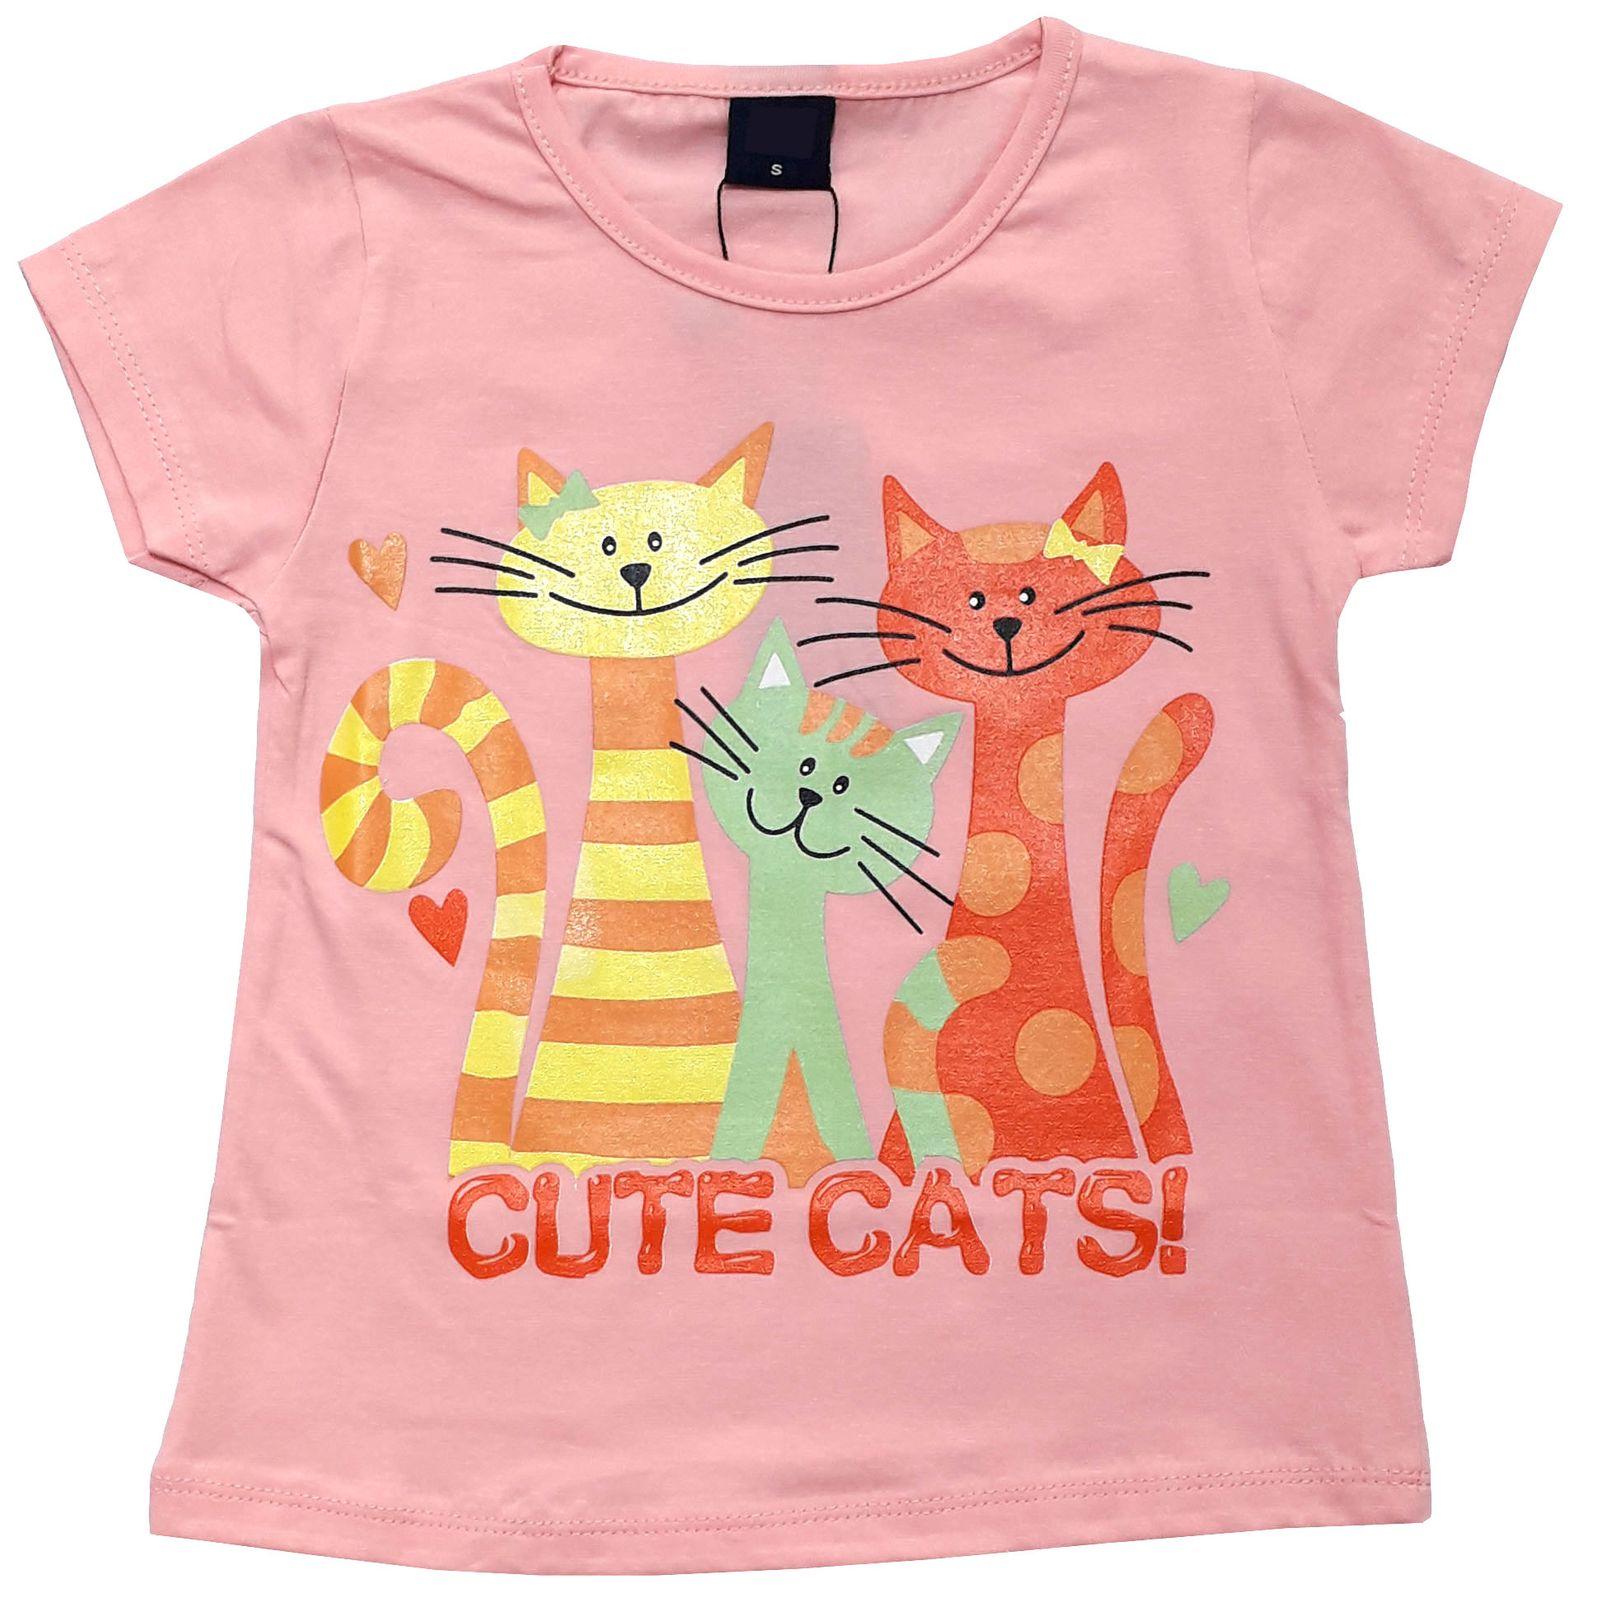 ست تی شرت و شلوارک دخترانه کد 7787923 -  - 6